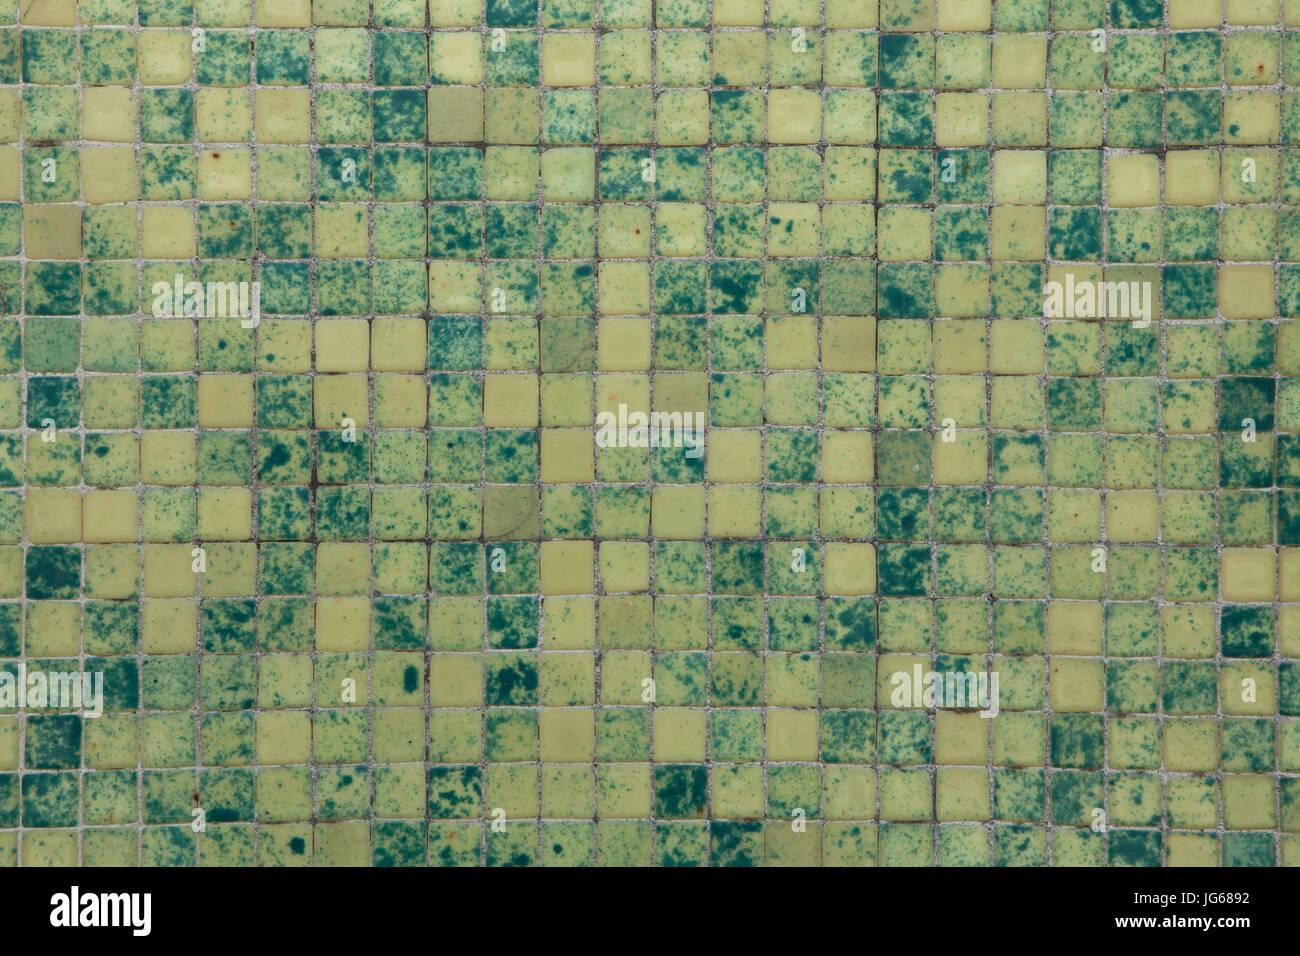 Verde piastrelle a mosaico texture di sfondo foto immagine